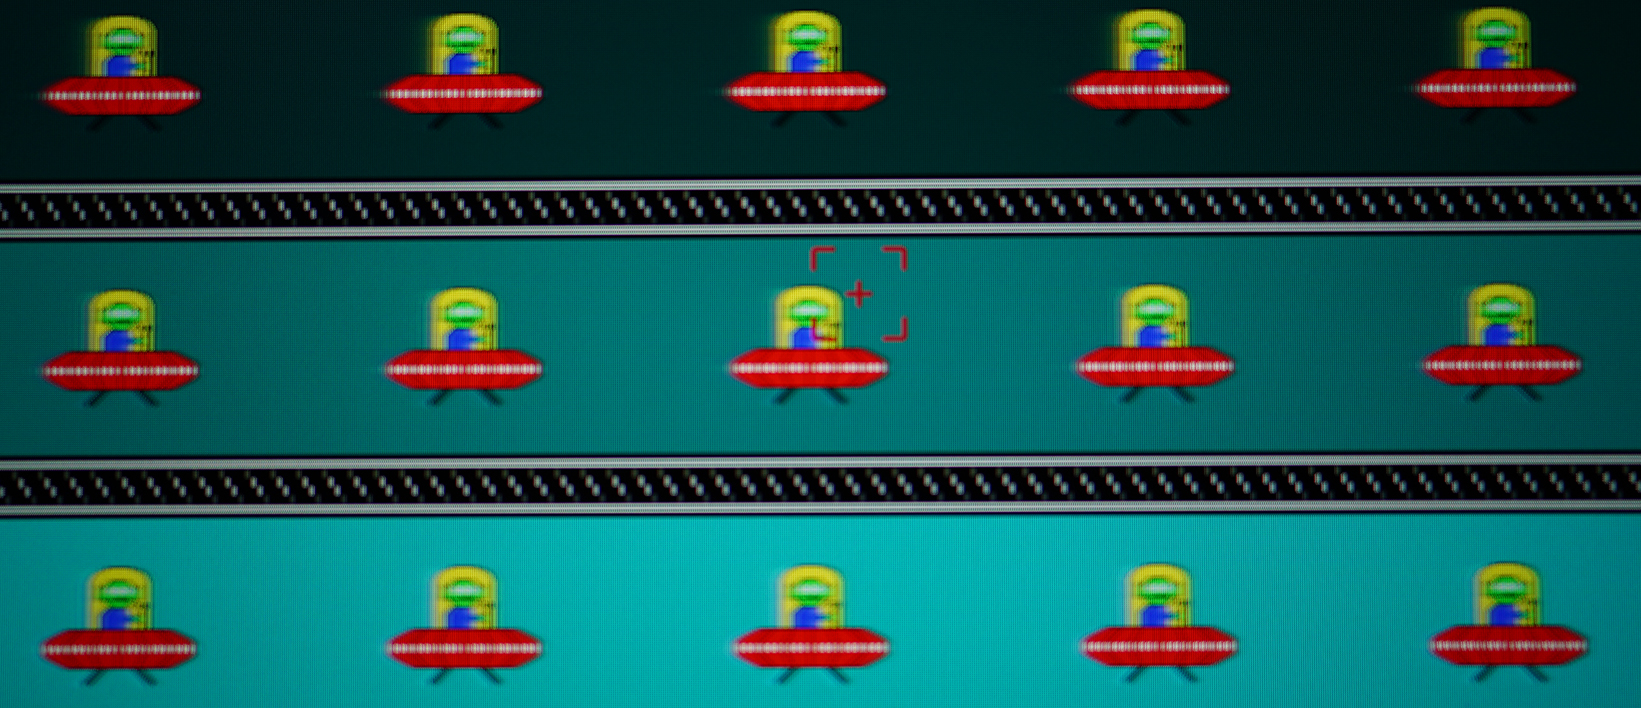 MSI Oculux NXG253R - Motion Blur - Reaktionszeit Schnell